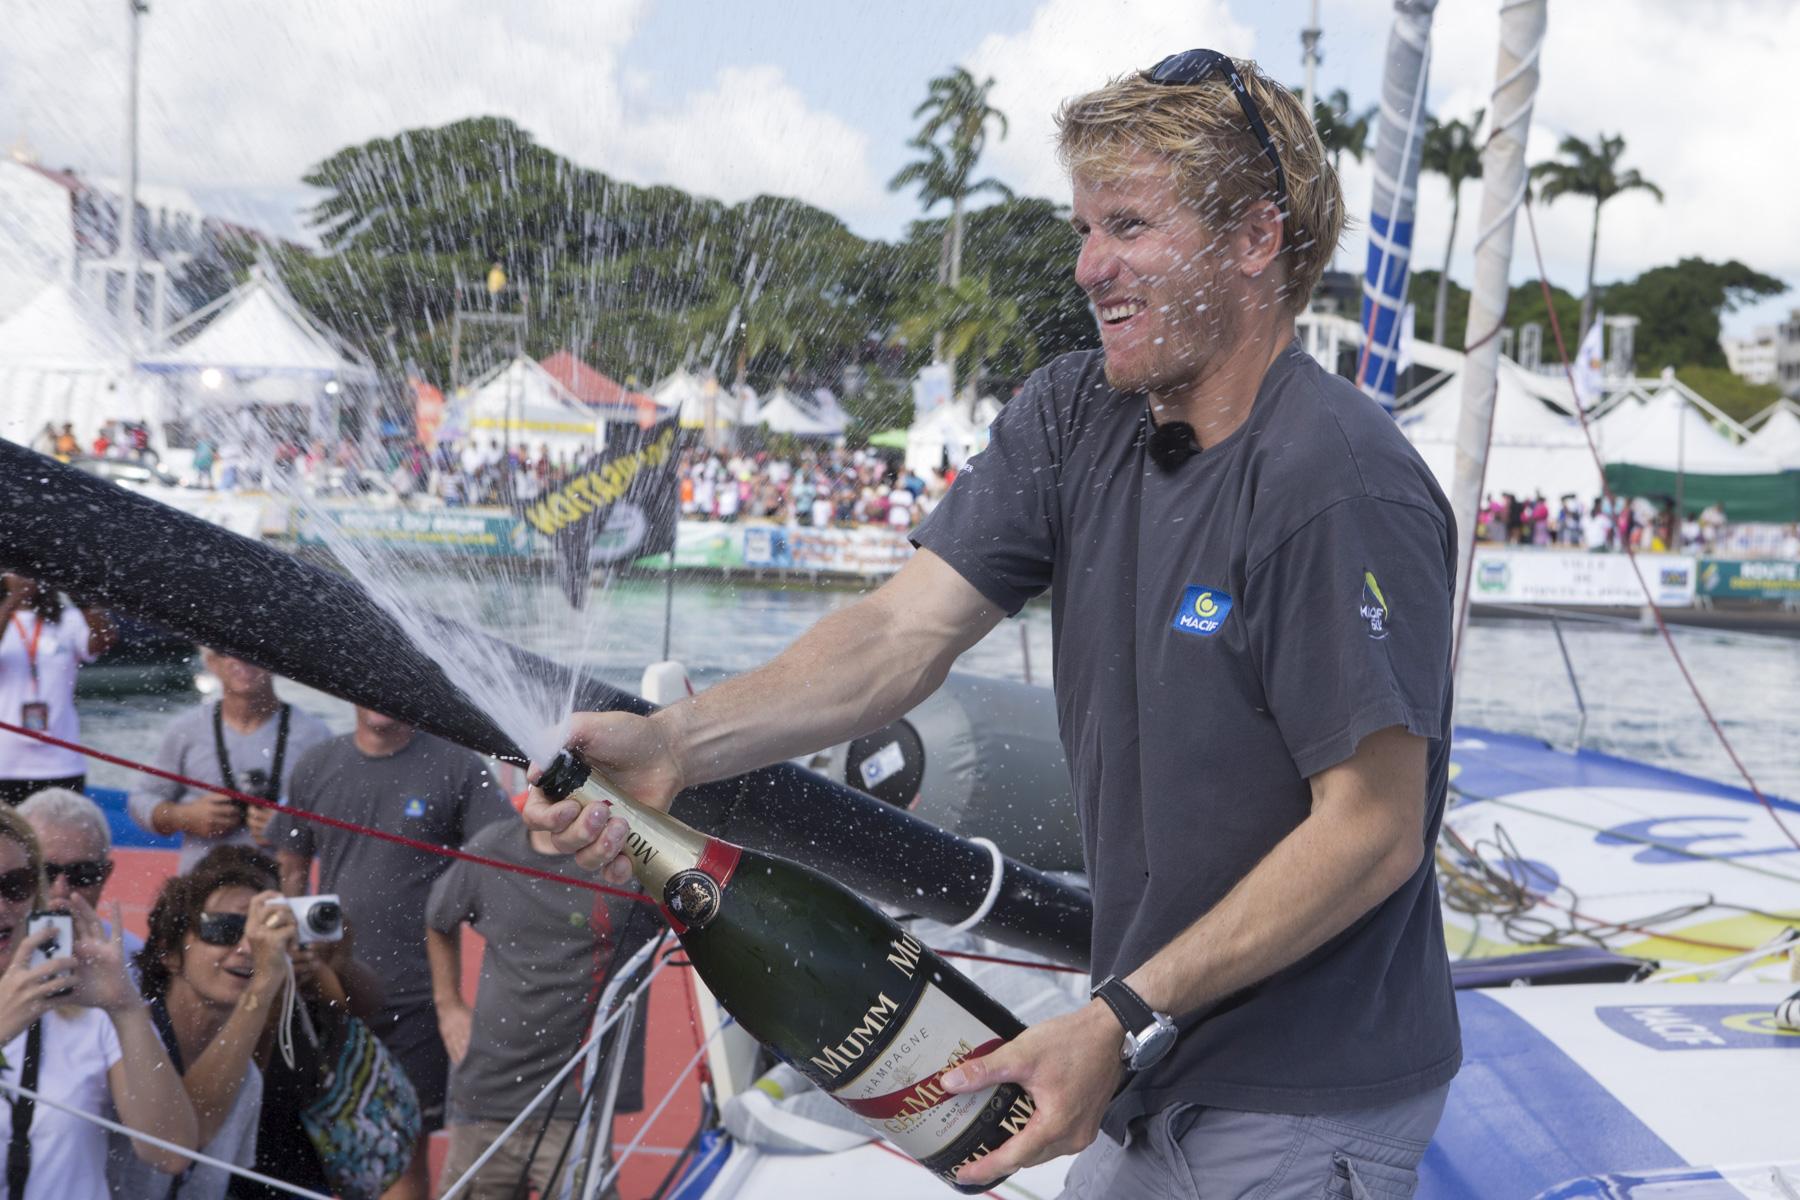 Francois Gabart (Macif) vainqueur de la categorie Imoca sur la Route du Rhum-Destination Guadeloupe 2014 en 12j 04h 38mn et 55 sec - Pointe a Pitre le 14/11/2014